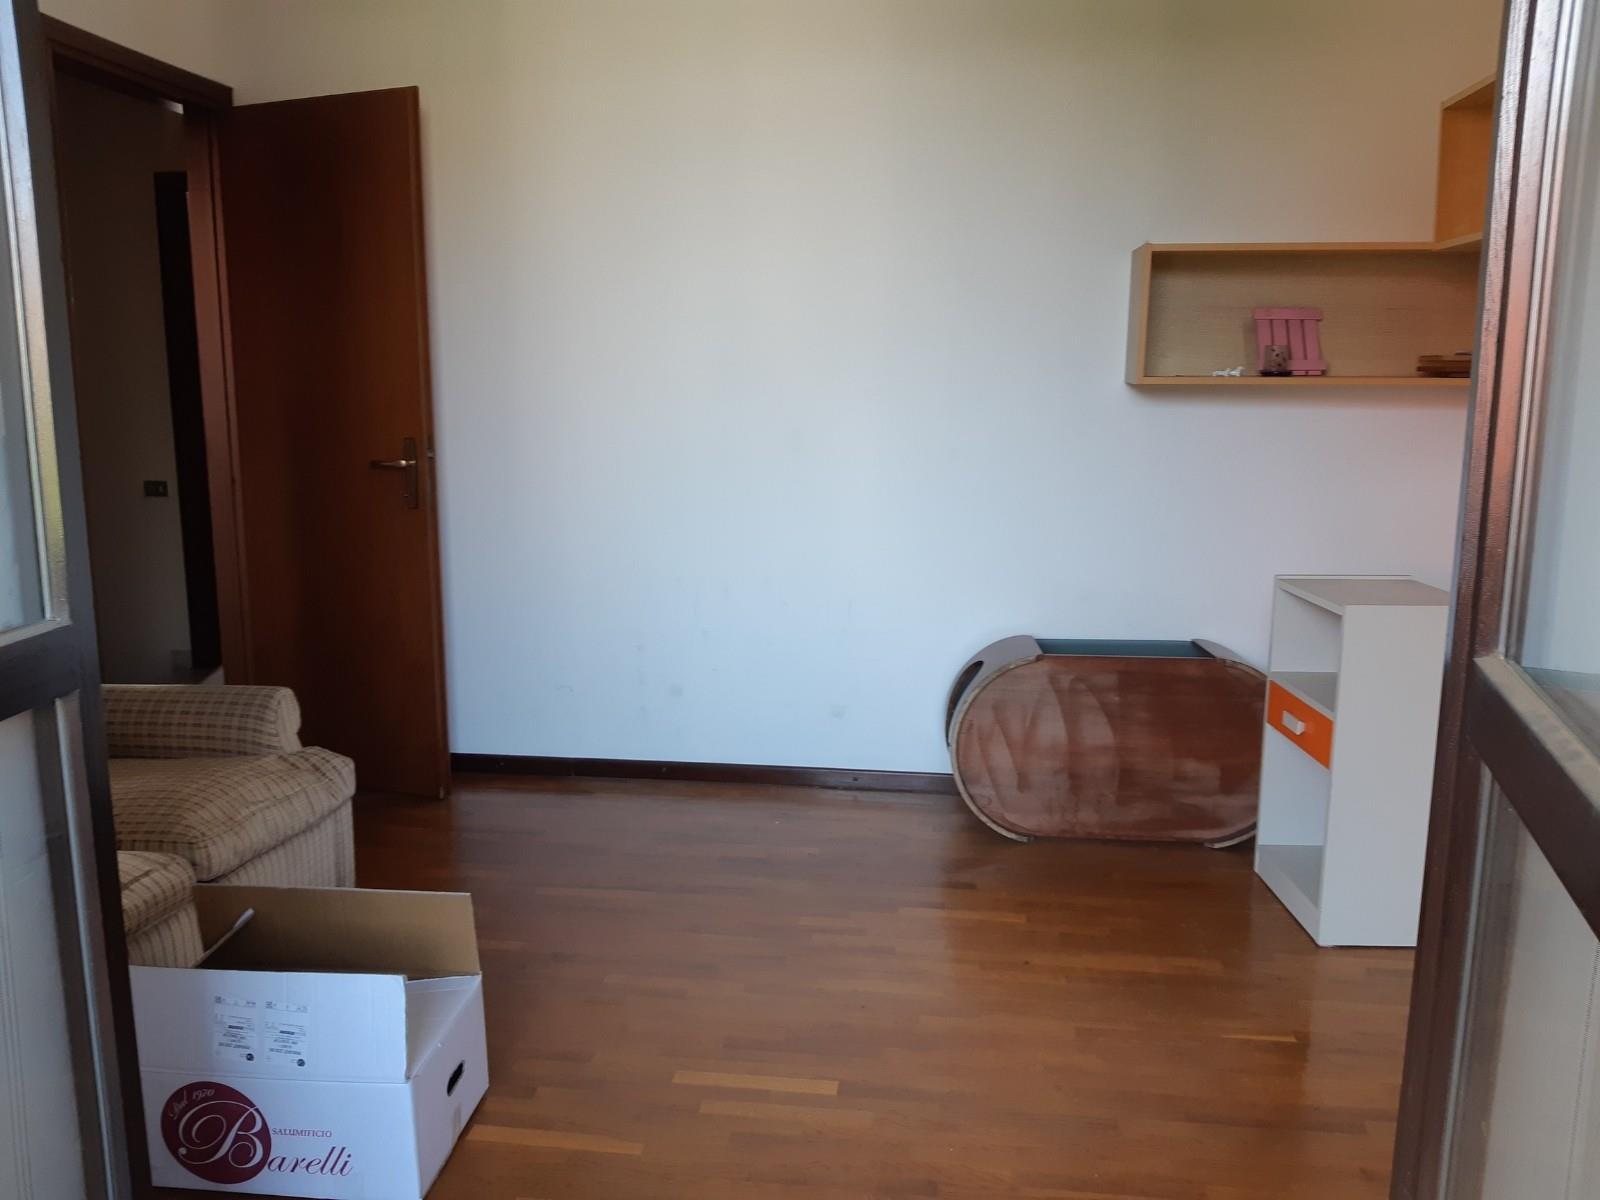 Foto 9 - Villa in Vendita - Sulbiate (Monza e Brianza)